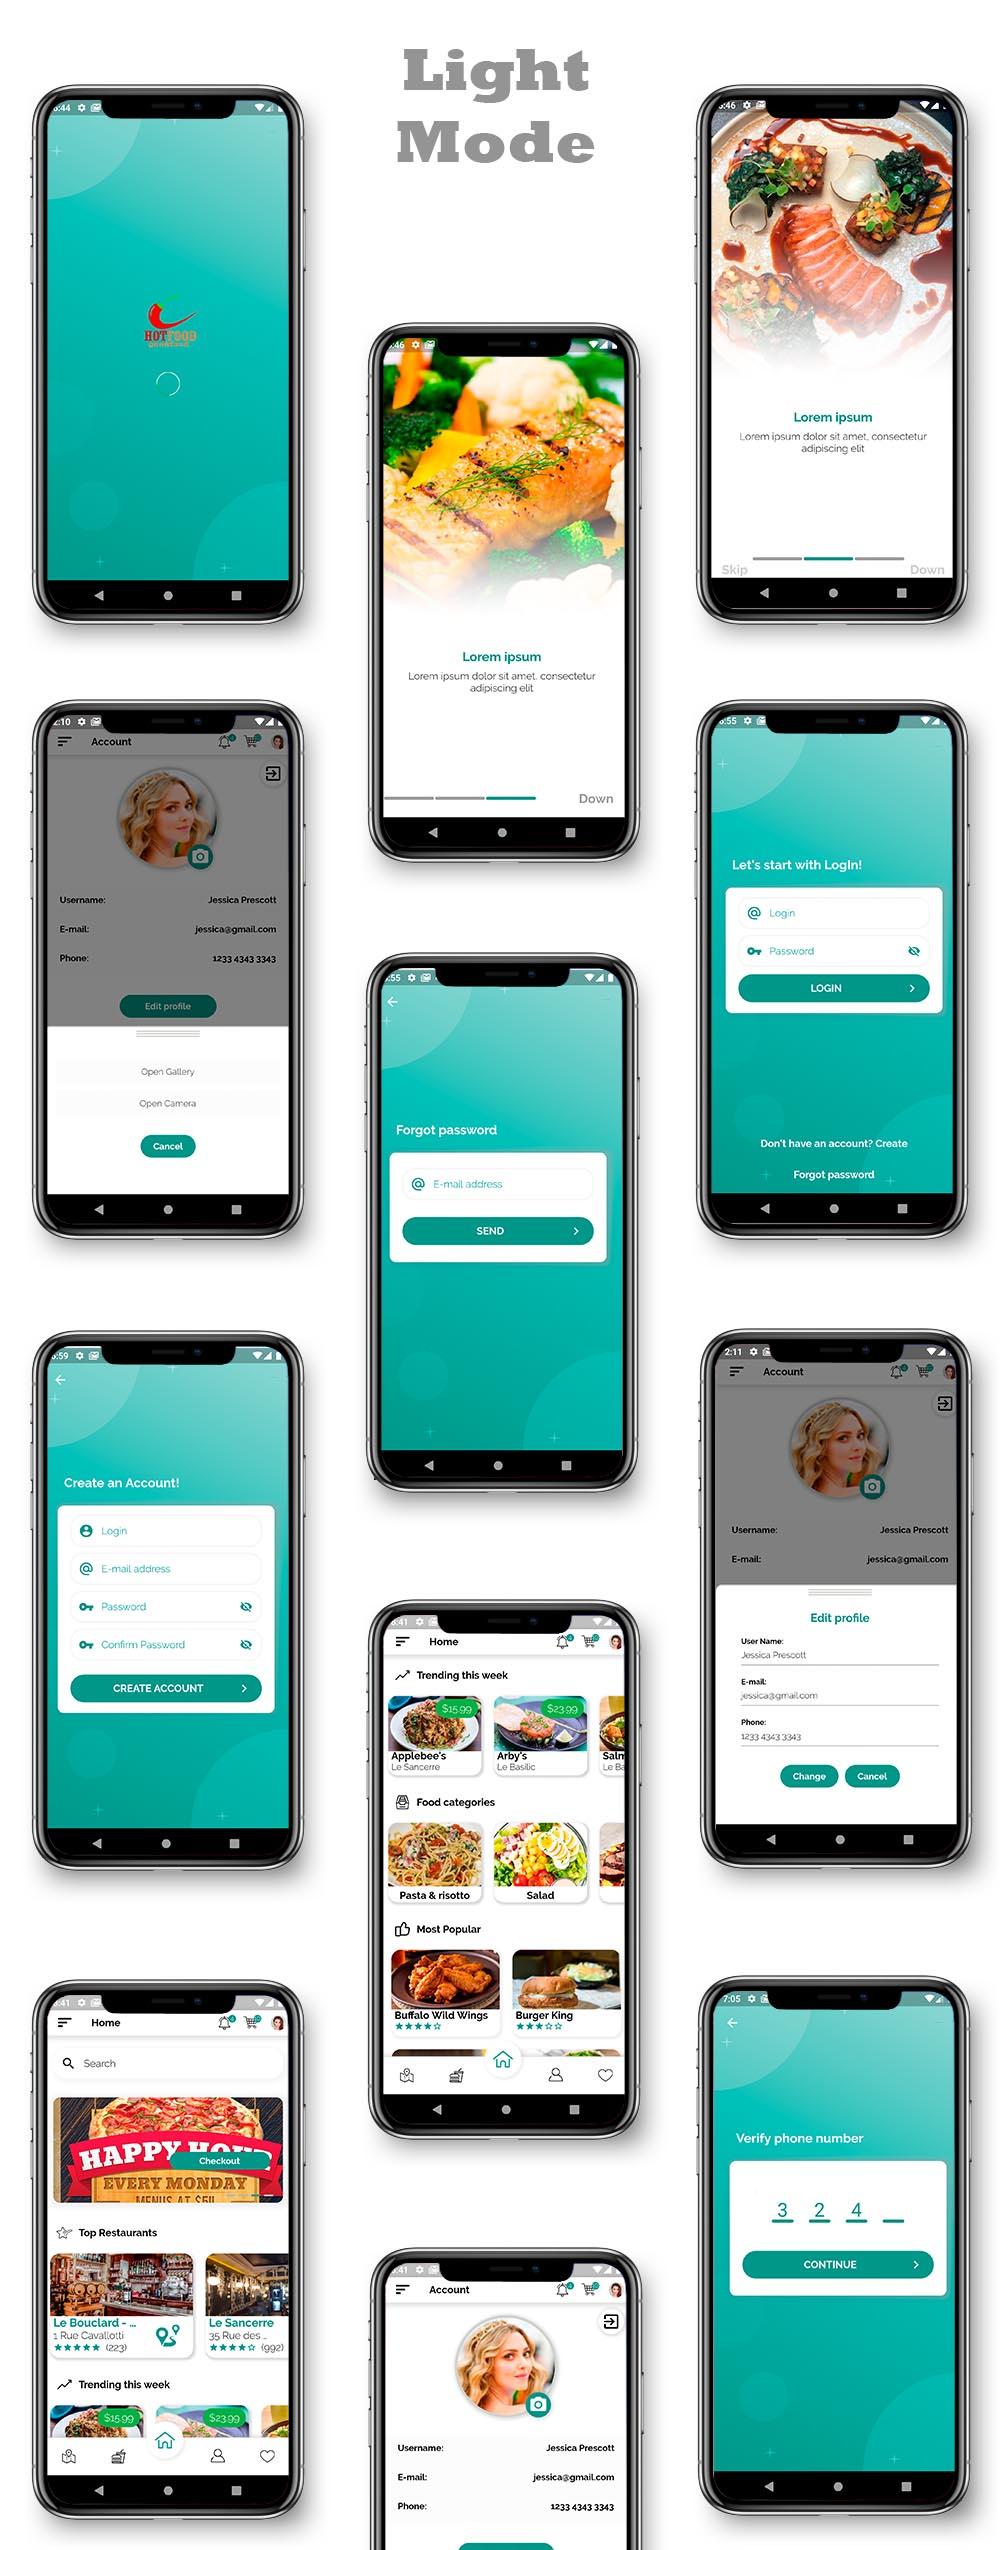 Kit d'interface utilisateur de livraison de nourriture dans Flutter - 3 applications - Application client + application de livraison + application propriétaire - 5